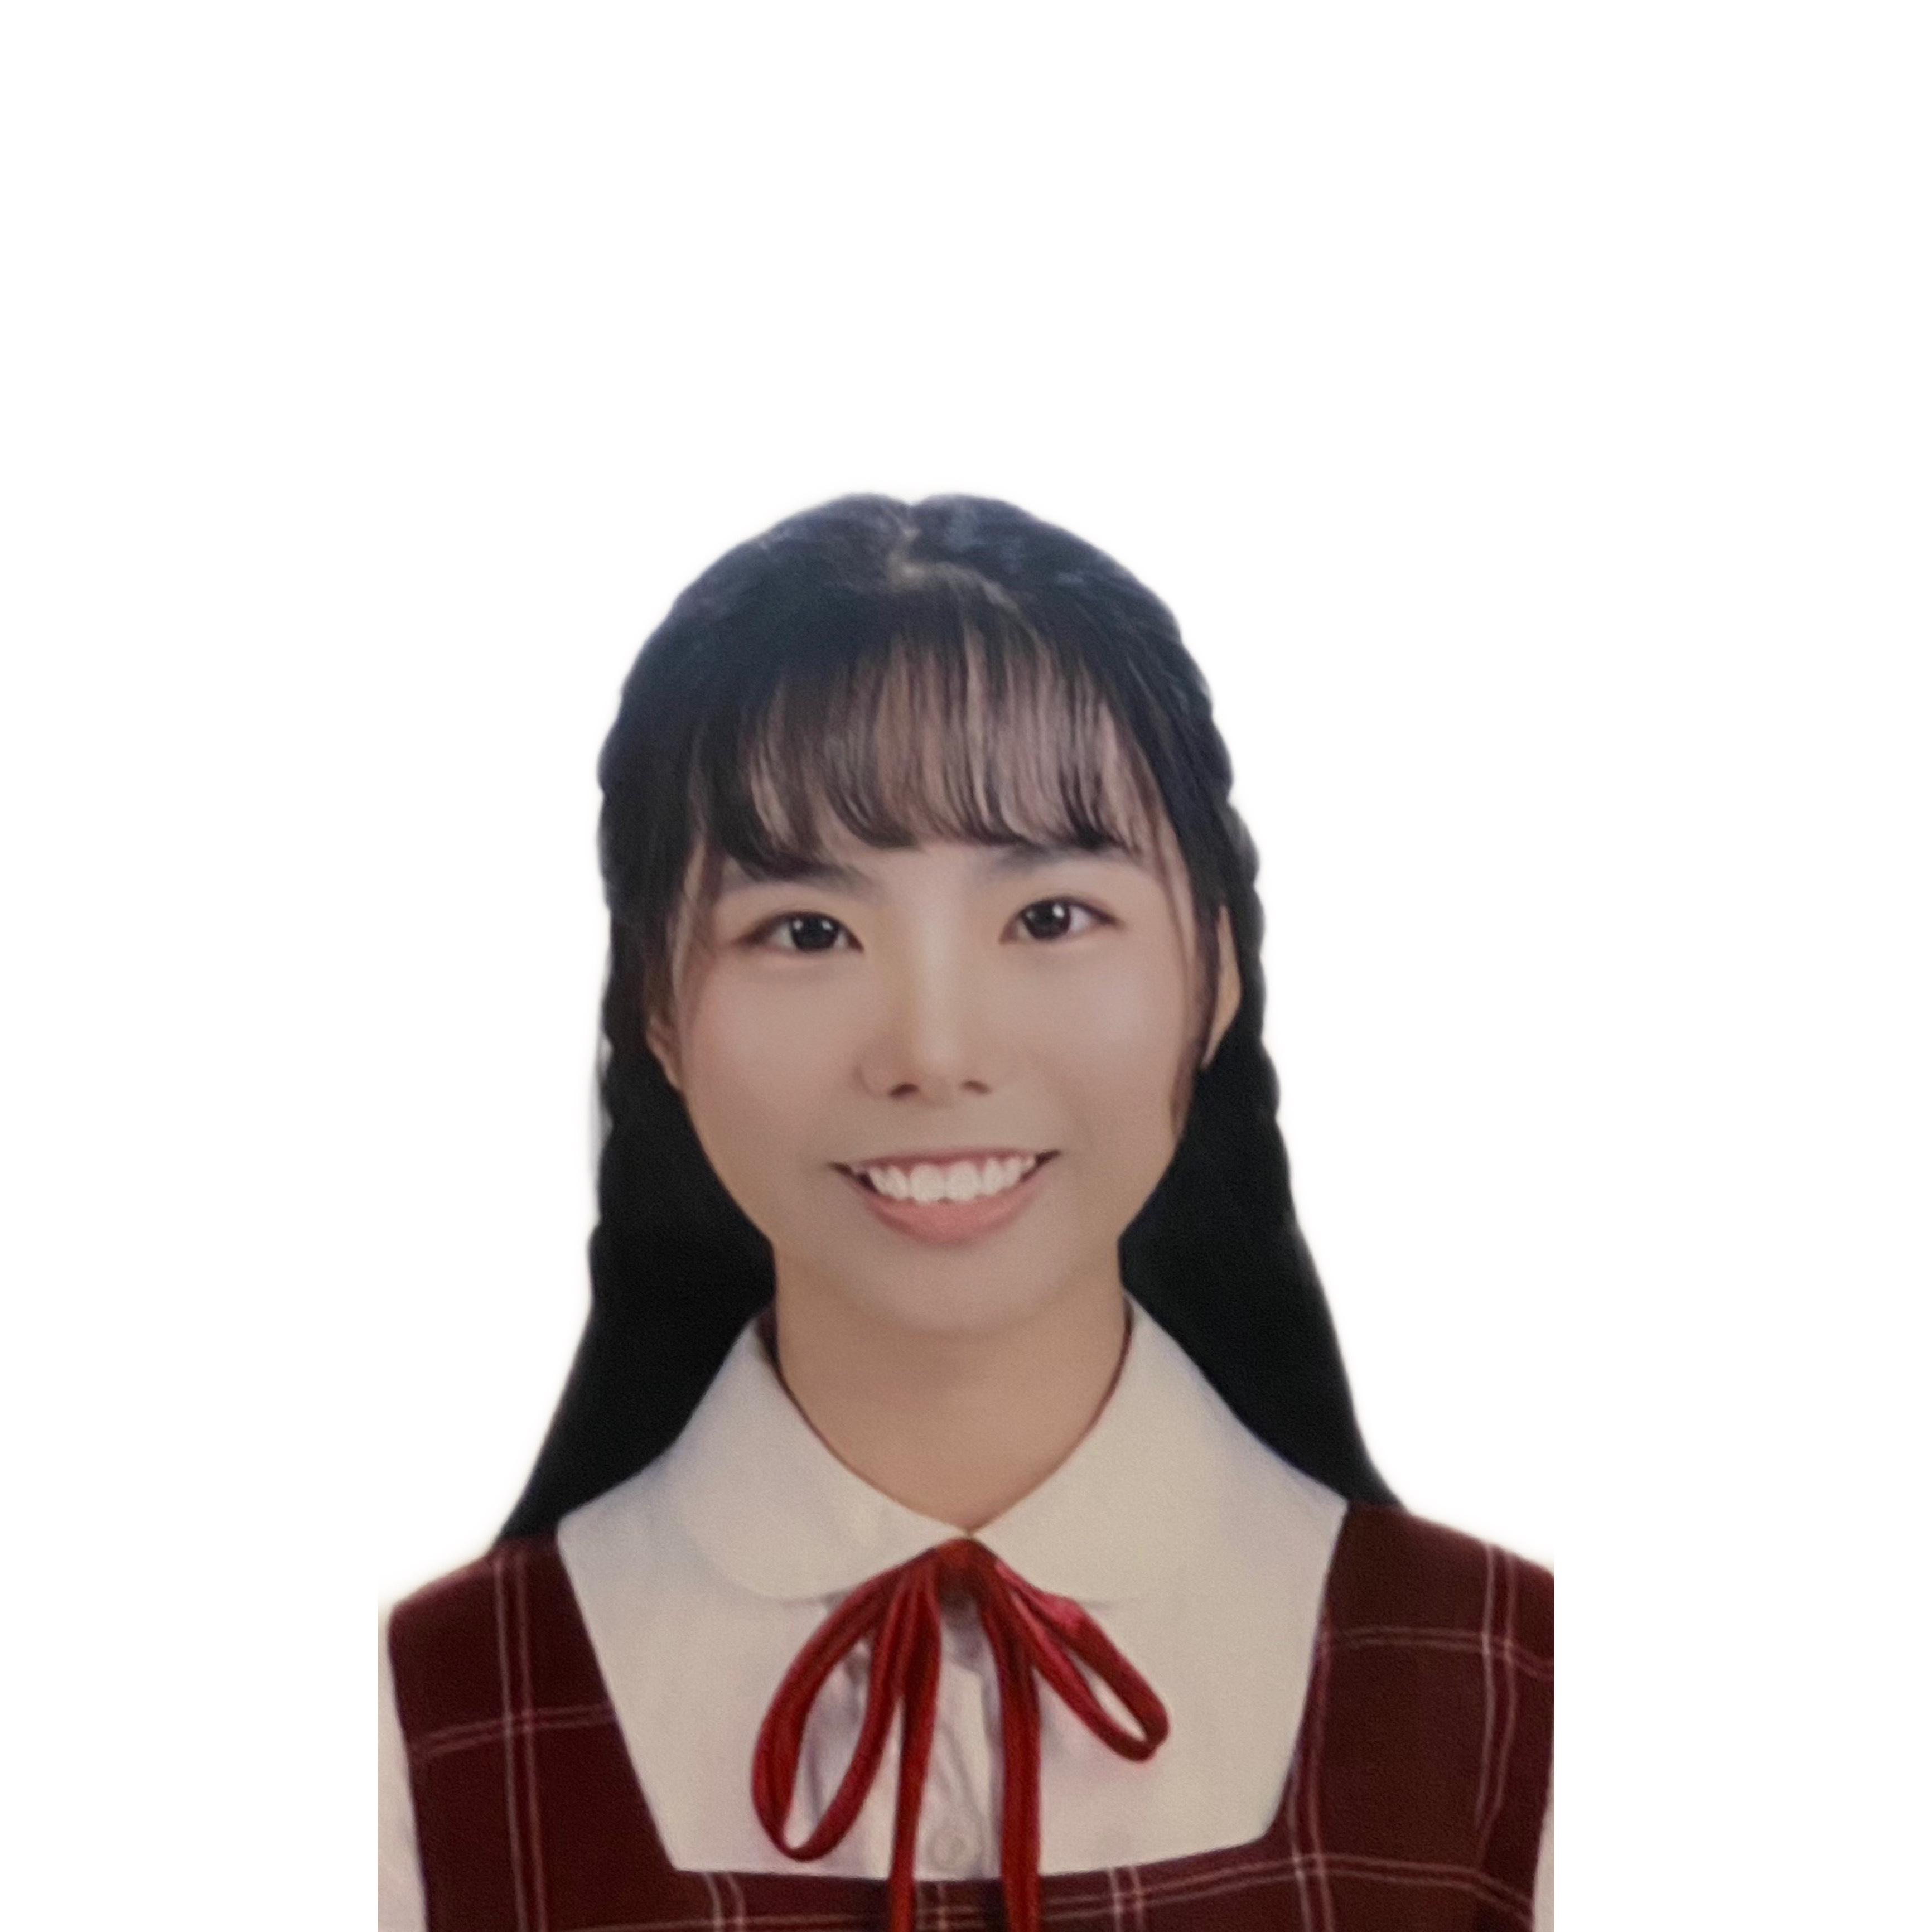 徐汇家教顾老师